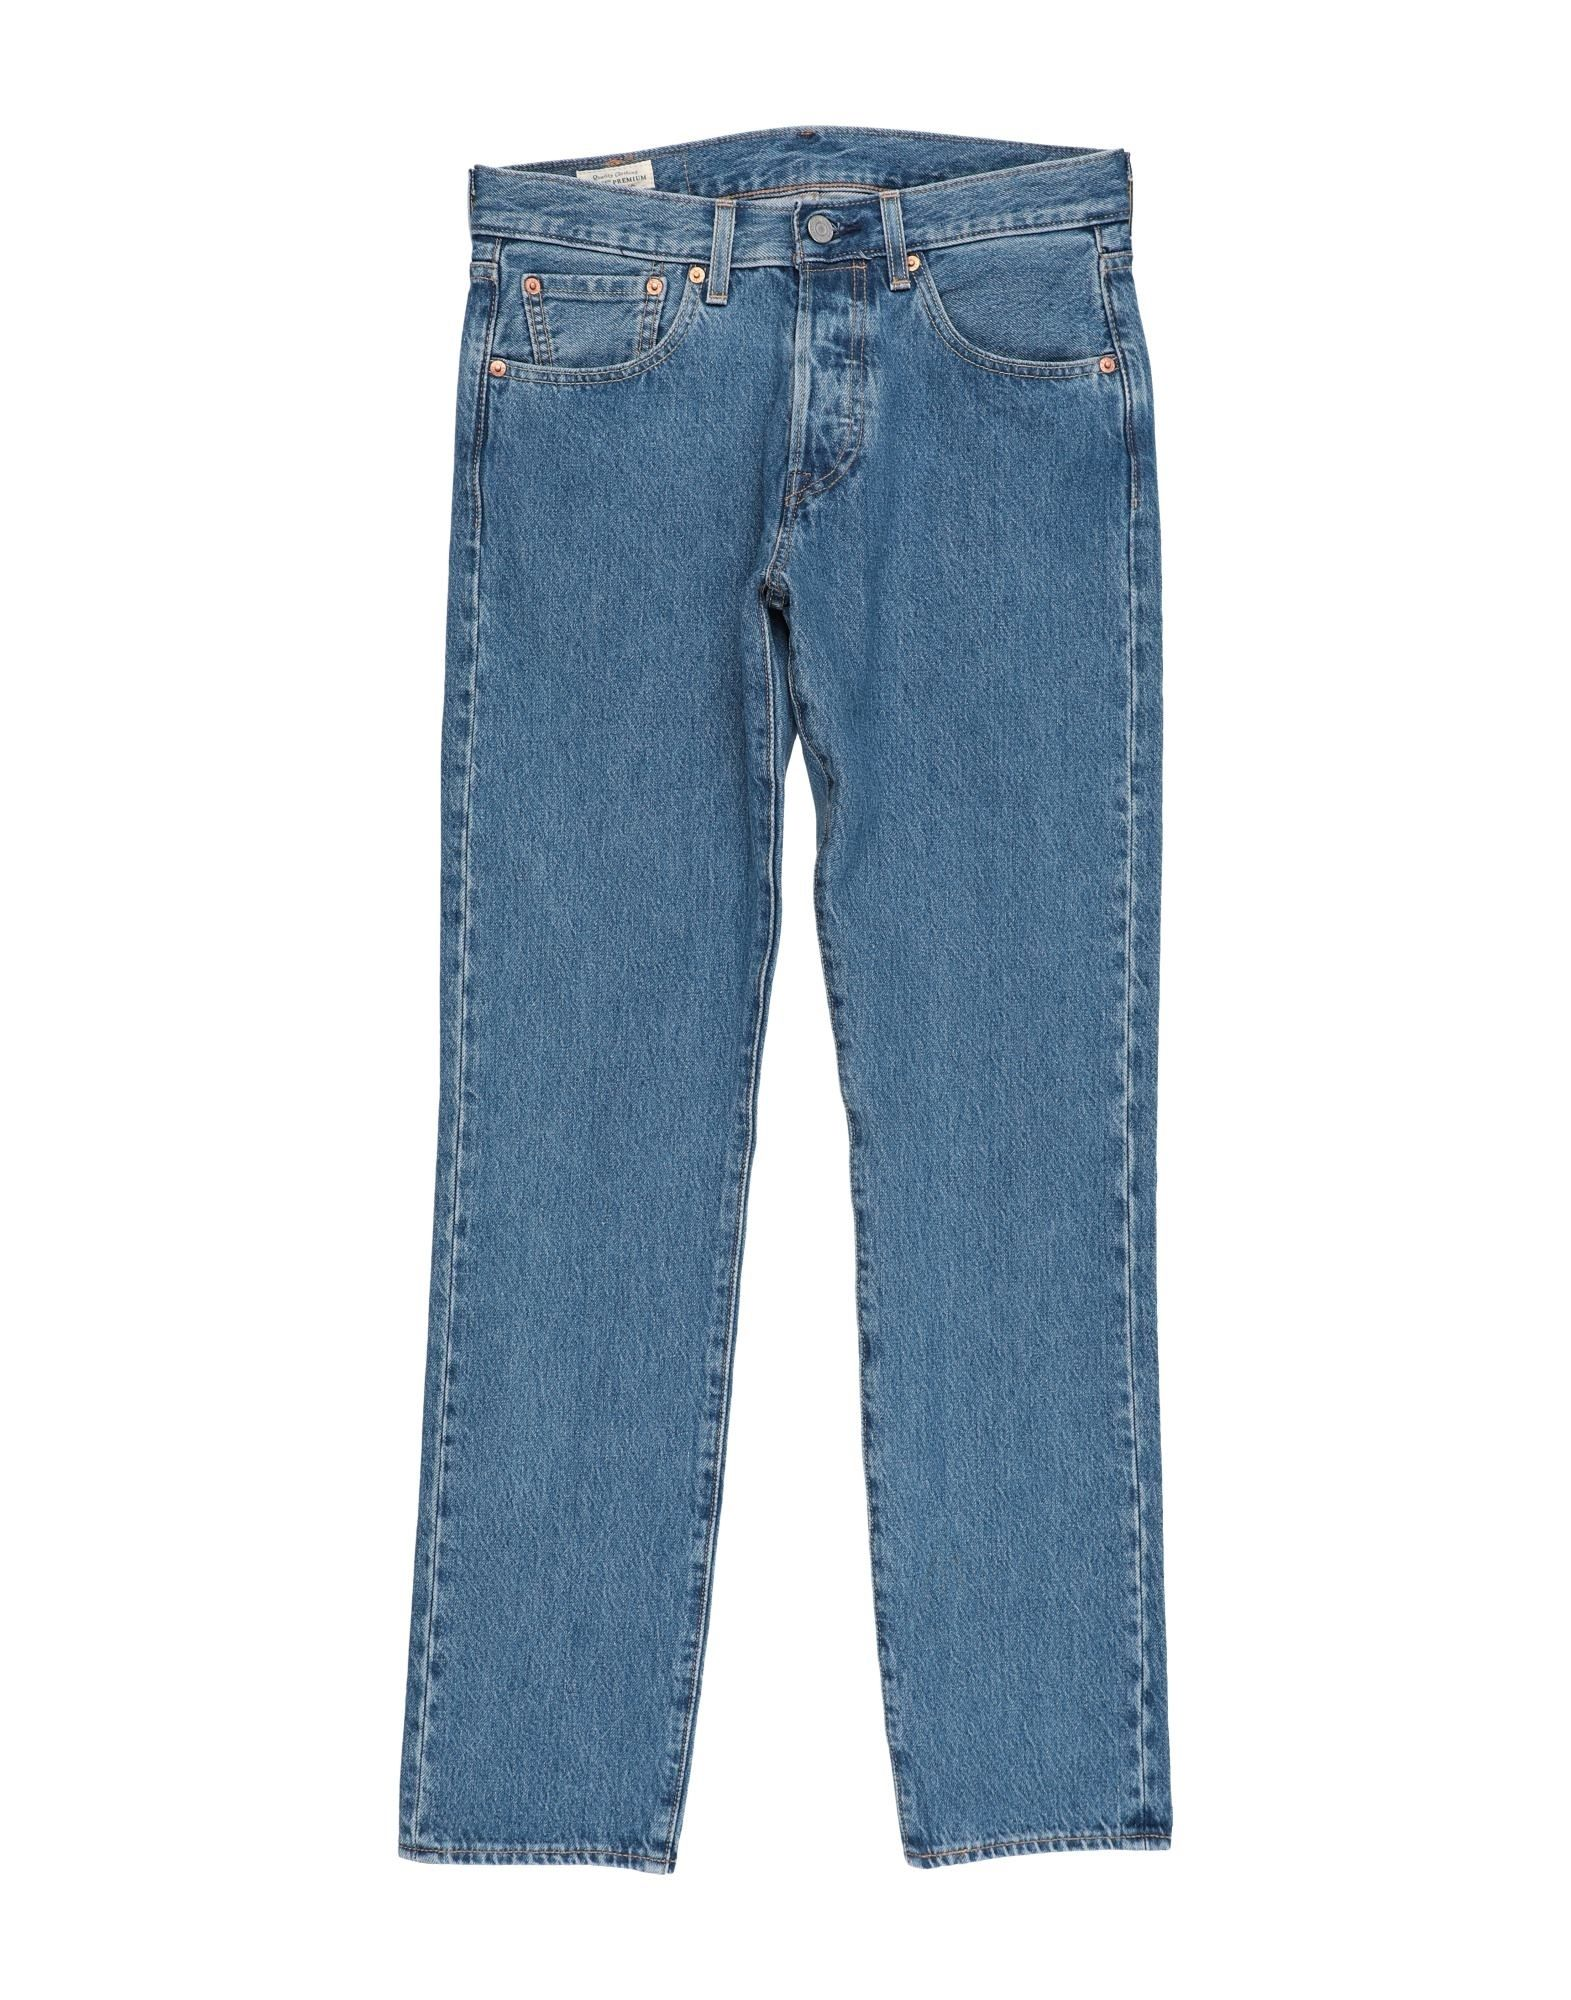 LEVI' S Джинсовые брюки джинсы женские levi s® 501 skinny цвет темно синий 2950200330 размер 27 30 44 30